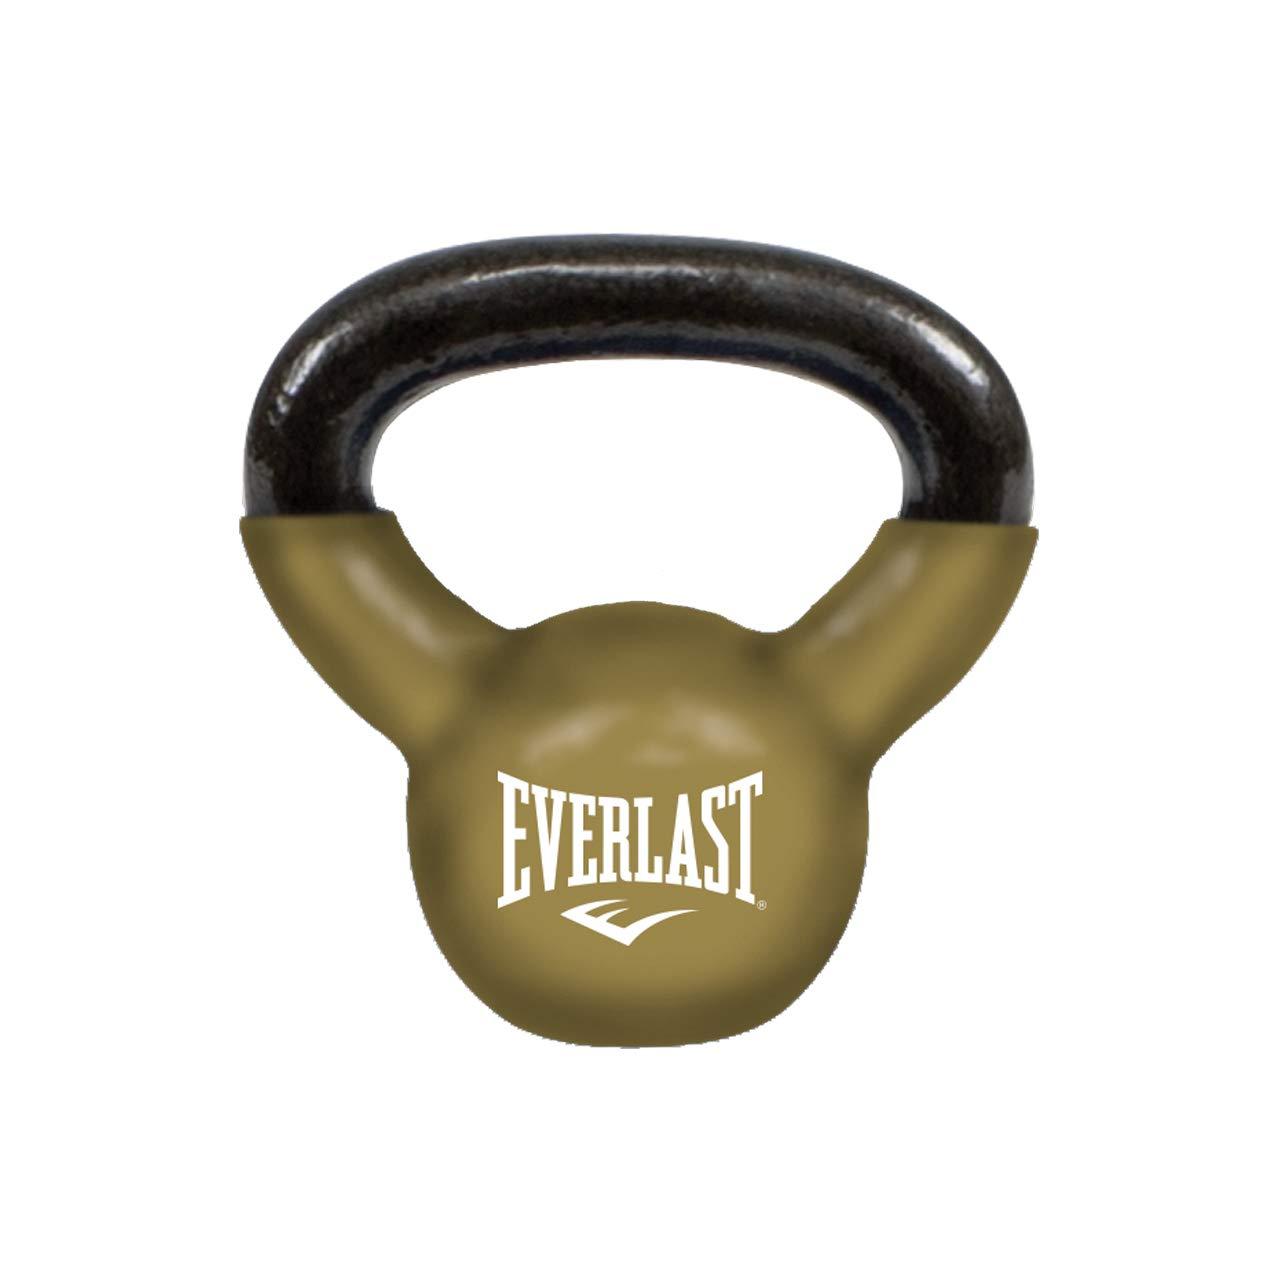 Everlast 5 lb Vinyl Dipped Kettlebell